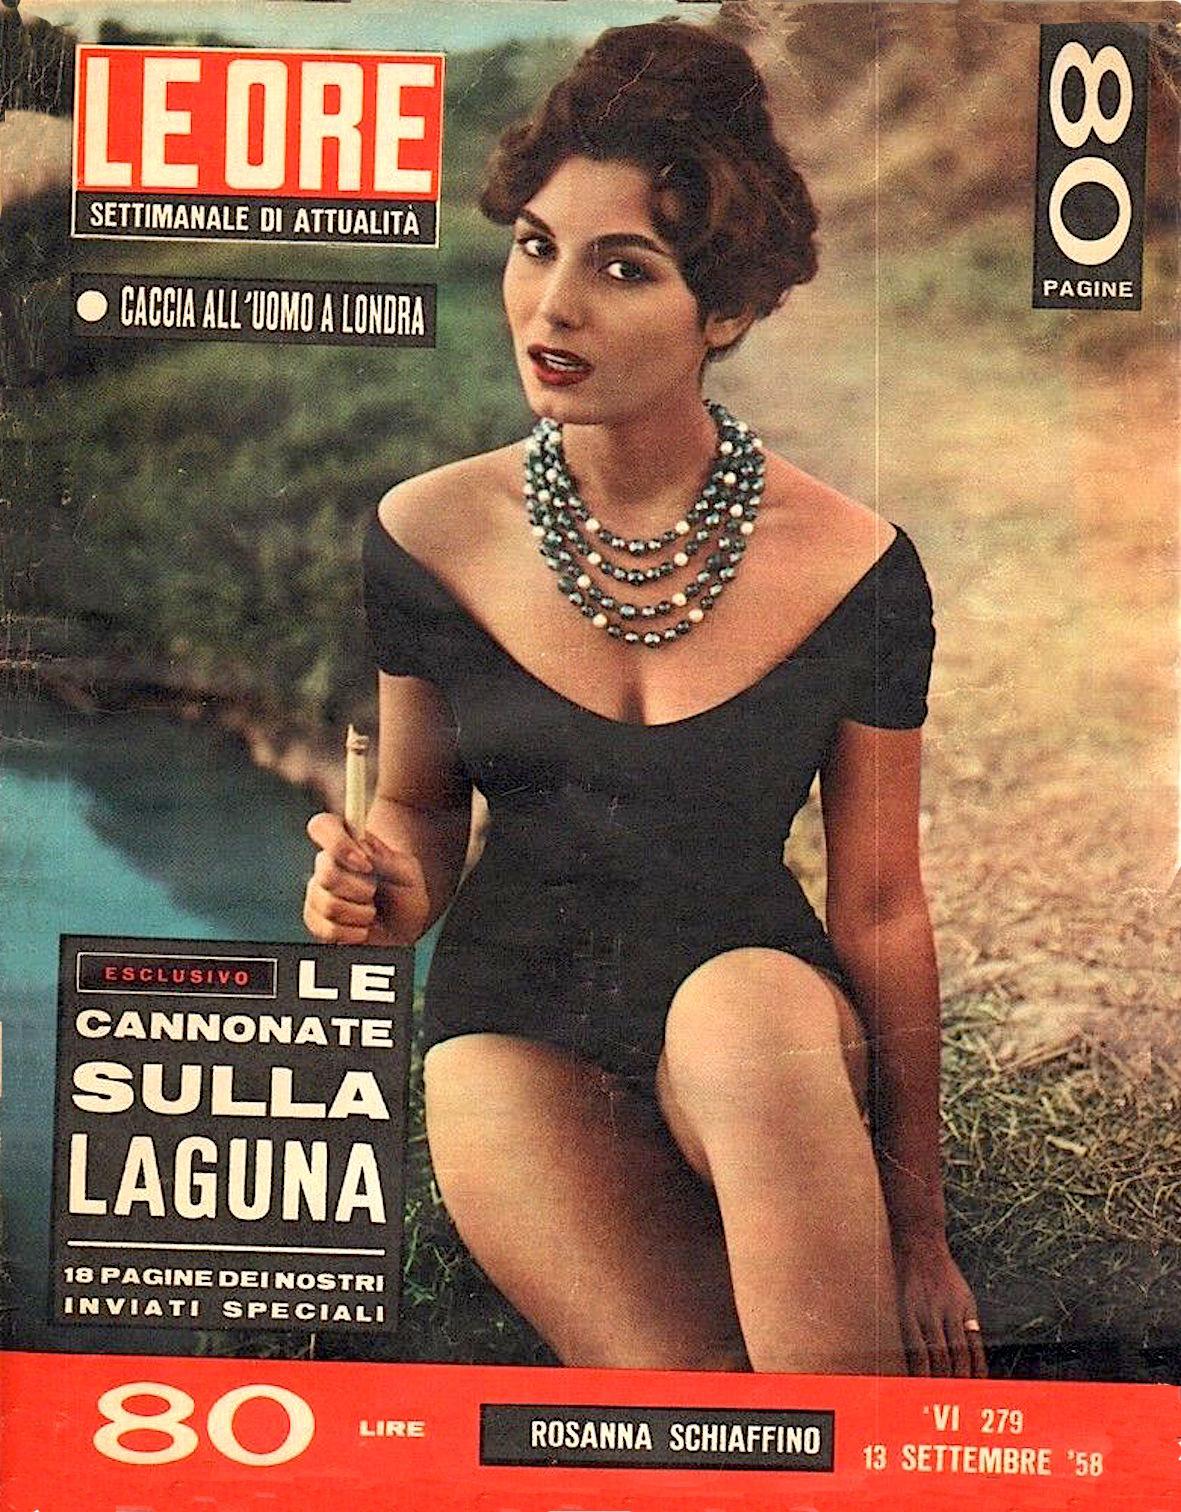 le ore copertina rosanna schiaffino 1958